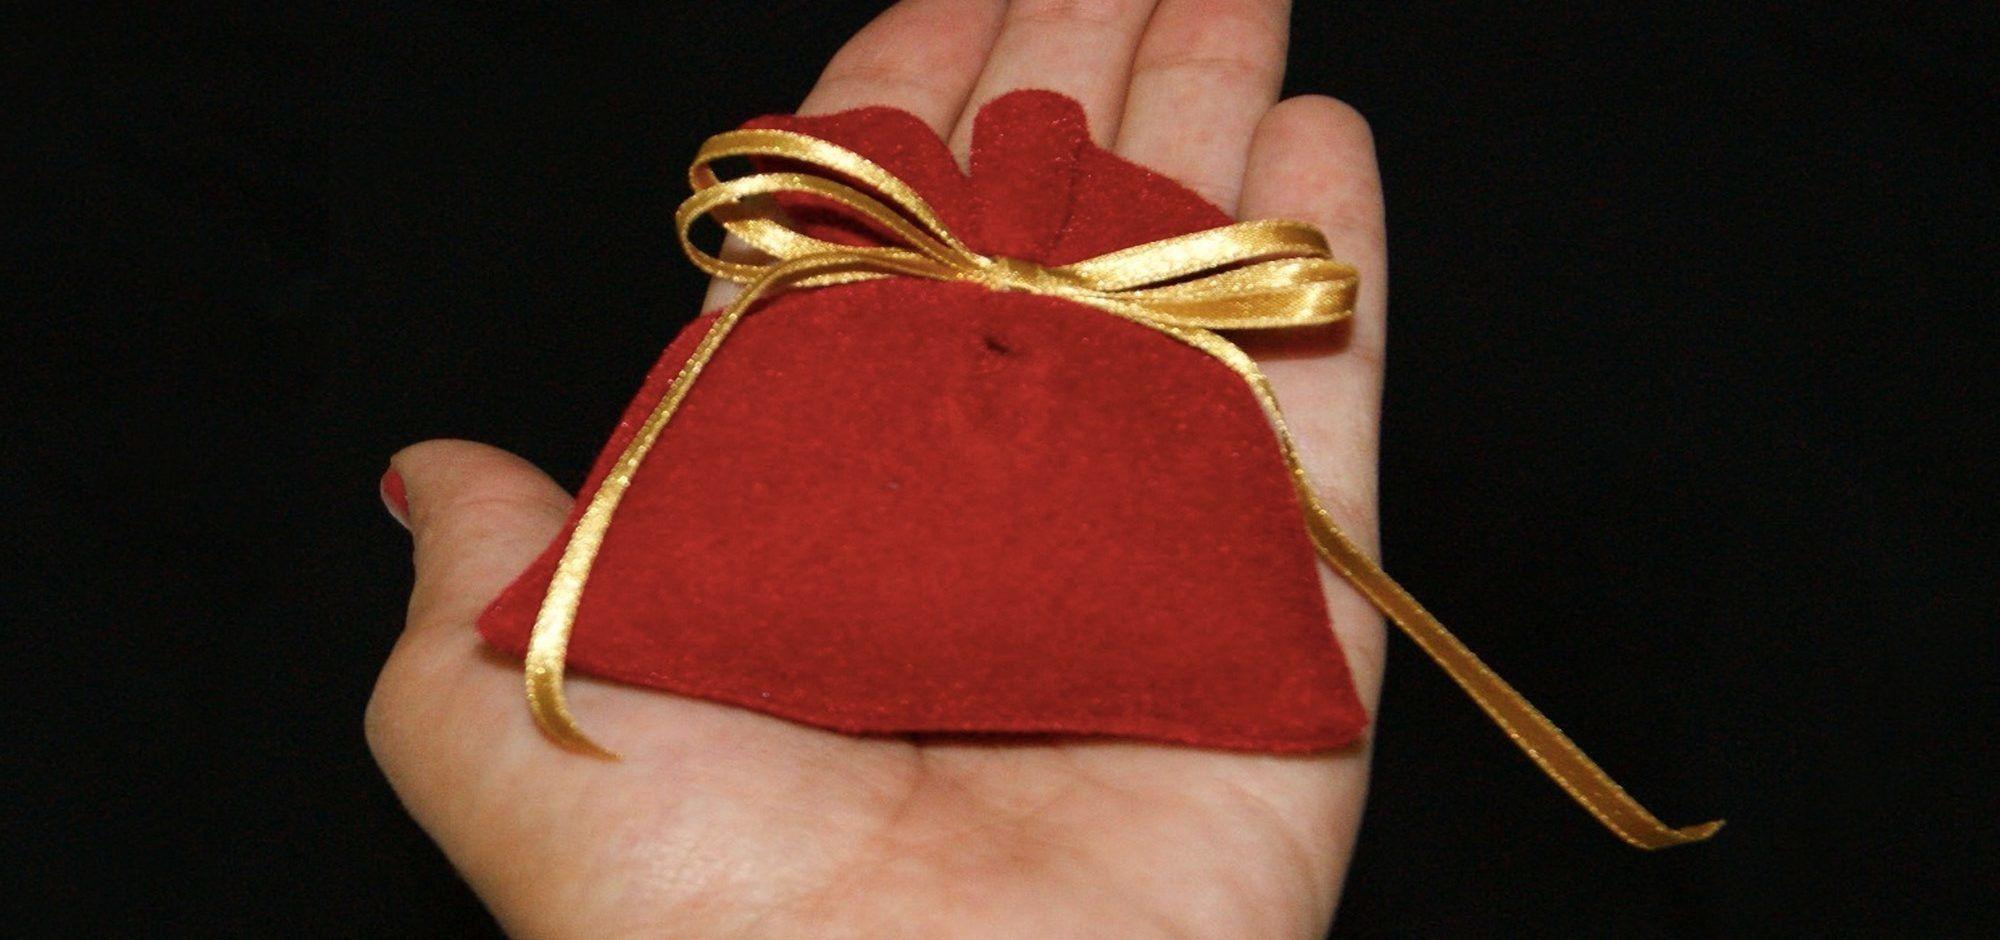 Saquinho De Protecao Poderoso Um Amuleto Contra Energias